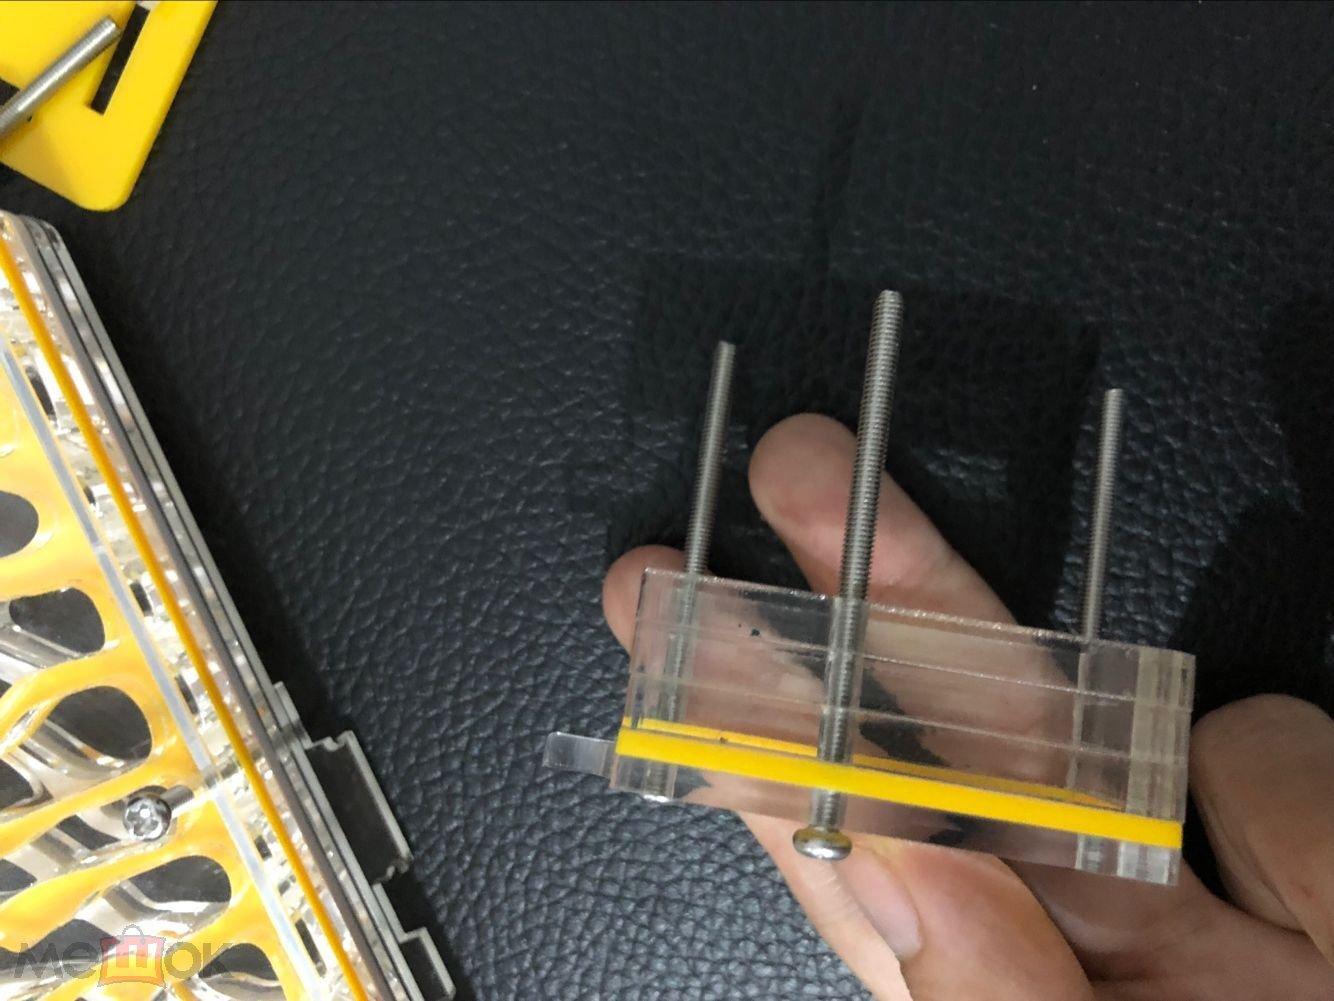 Формикарий муравьиная ферма с кормушкой природная игрушка на домашнем или офисном столе